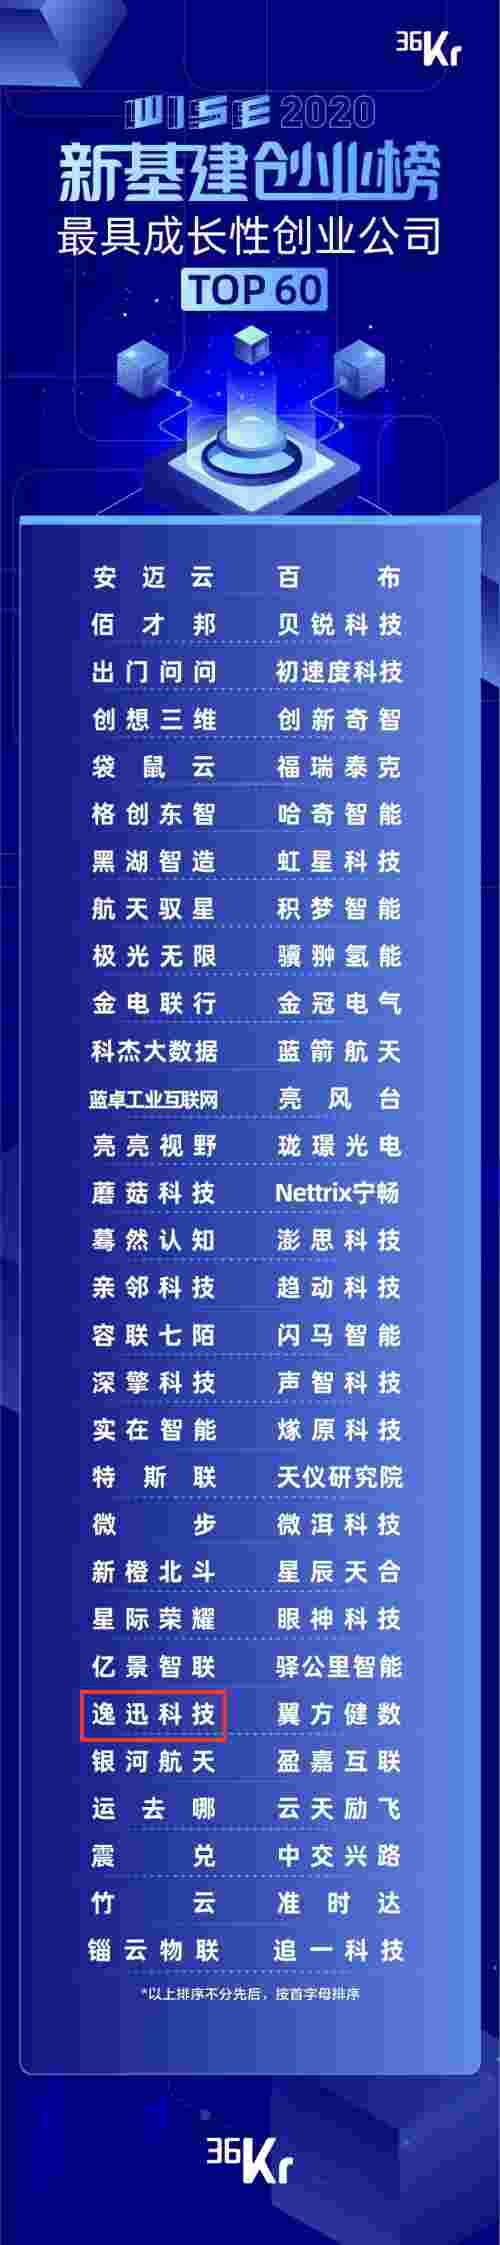 逸迅科技上榜36氪WISE2020「新基建创业榜」TOP60